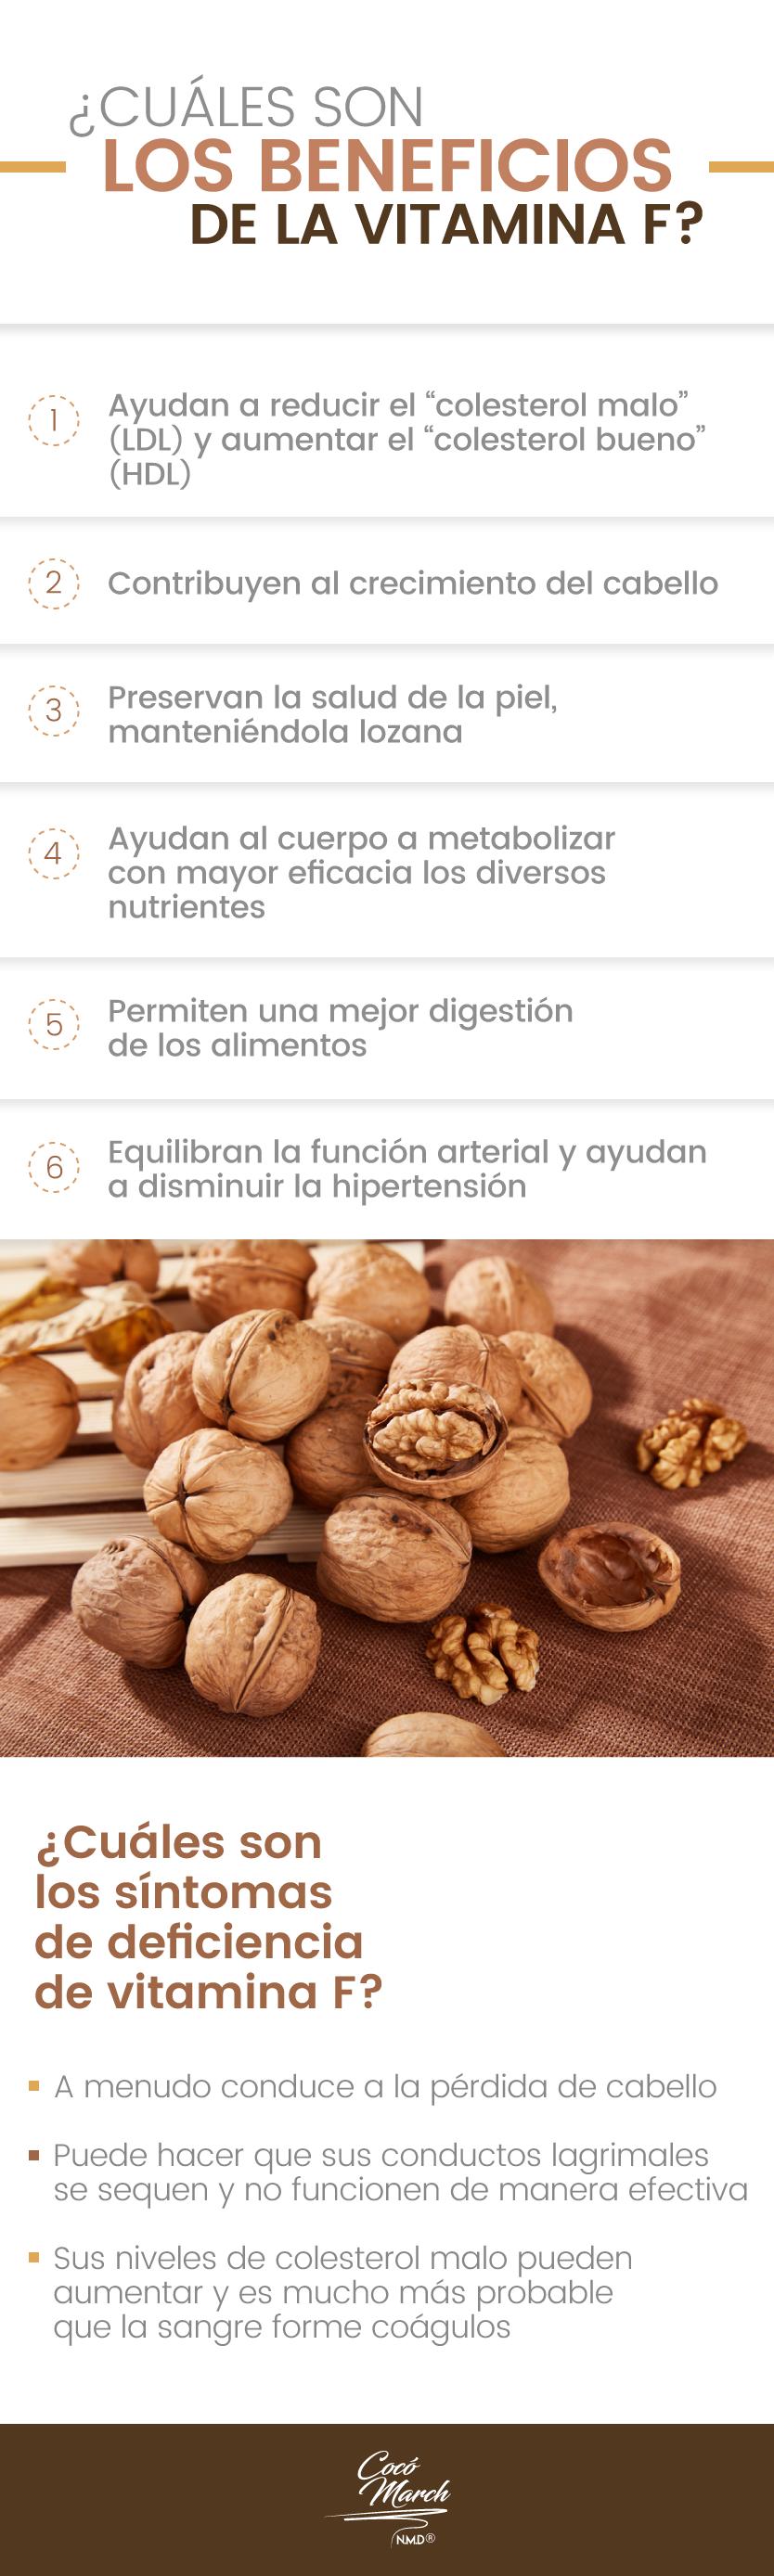 beneficios-de-la-vitamina-f